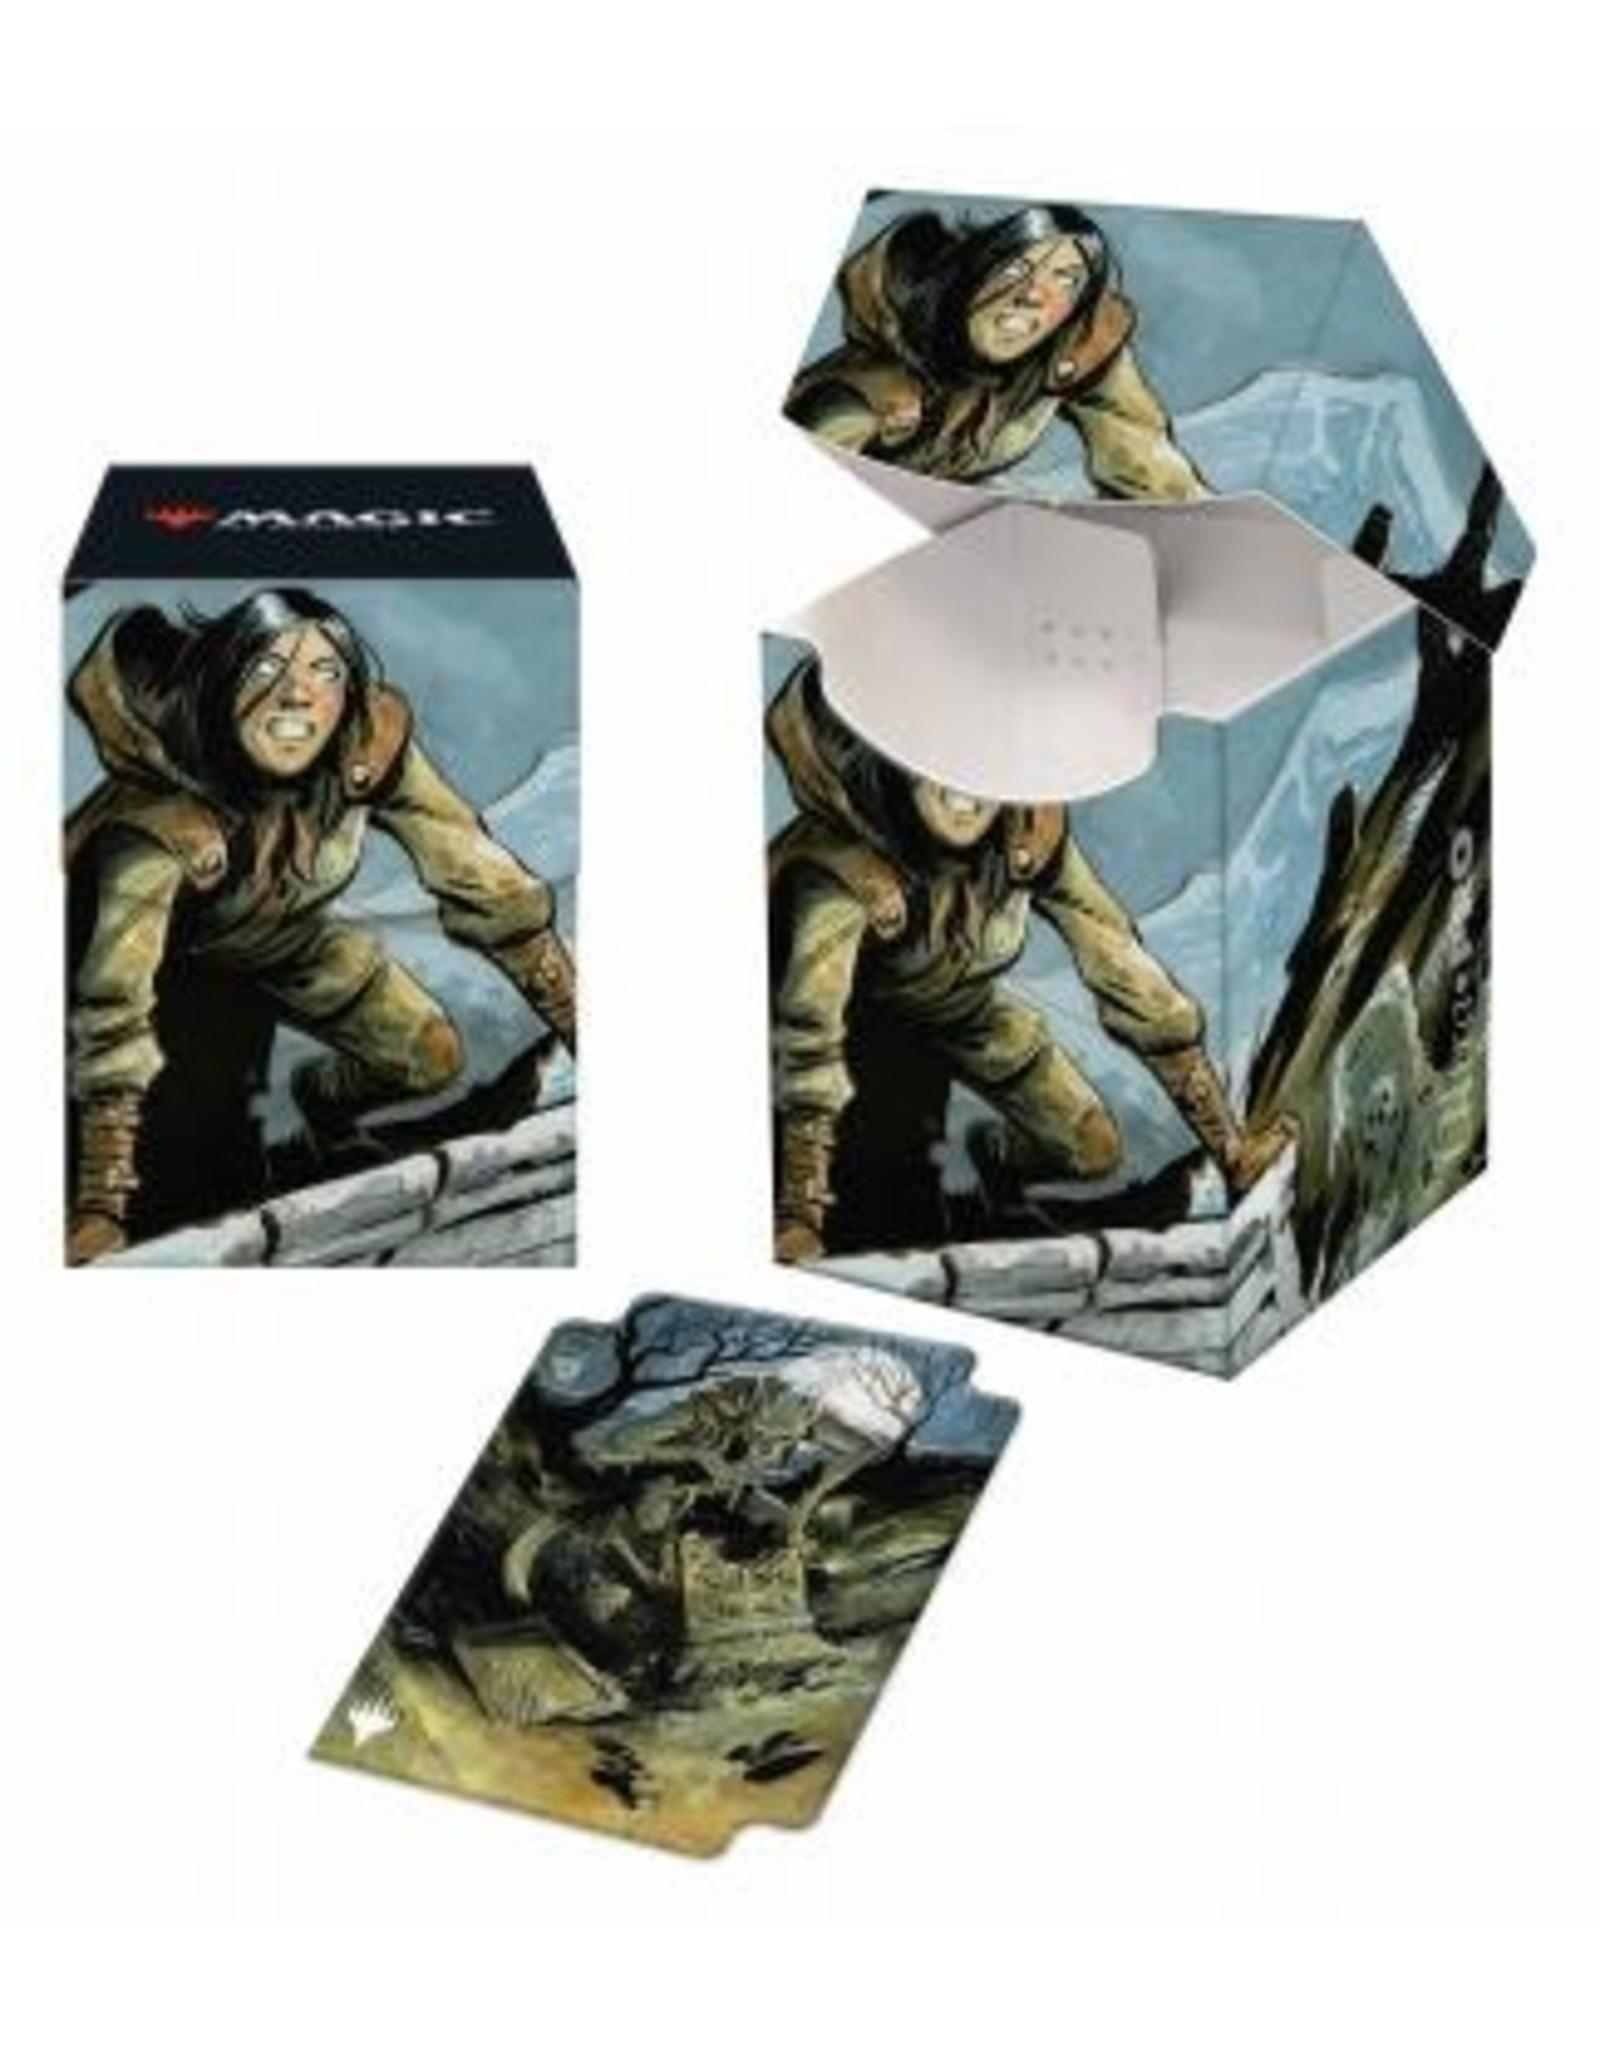 Ultra Pro Innistrad Midnight Hunt 100+ Deck Box V3 featuring Graveyard Trespasser